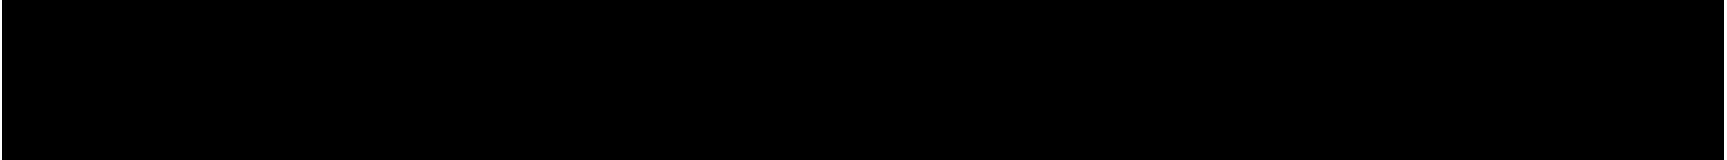 the virus killer full logo